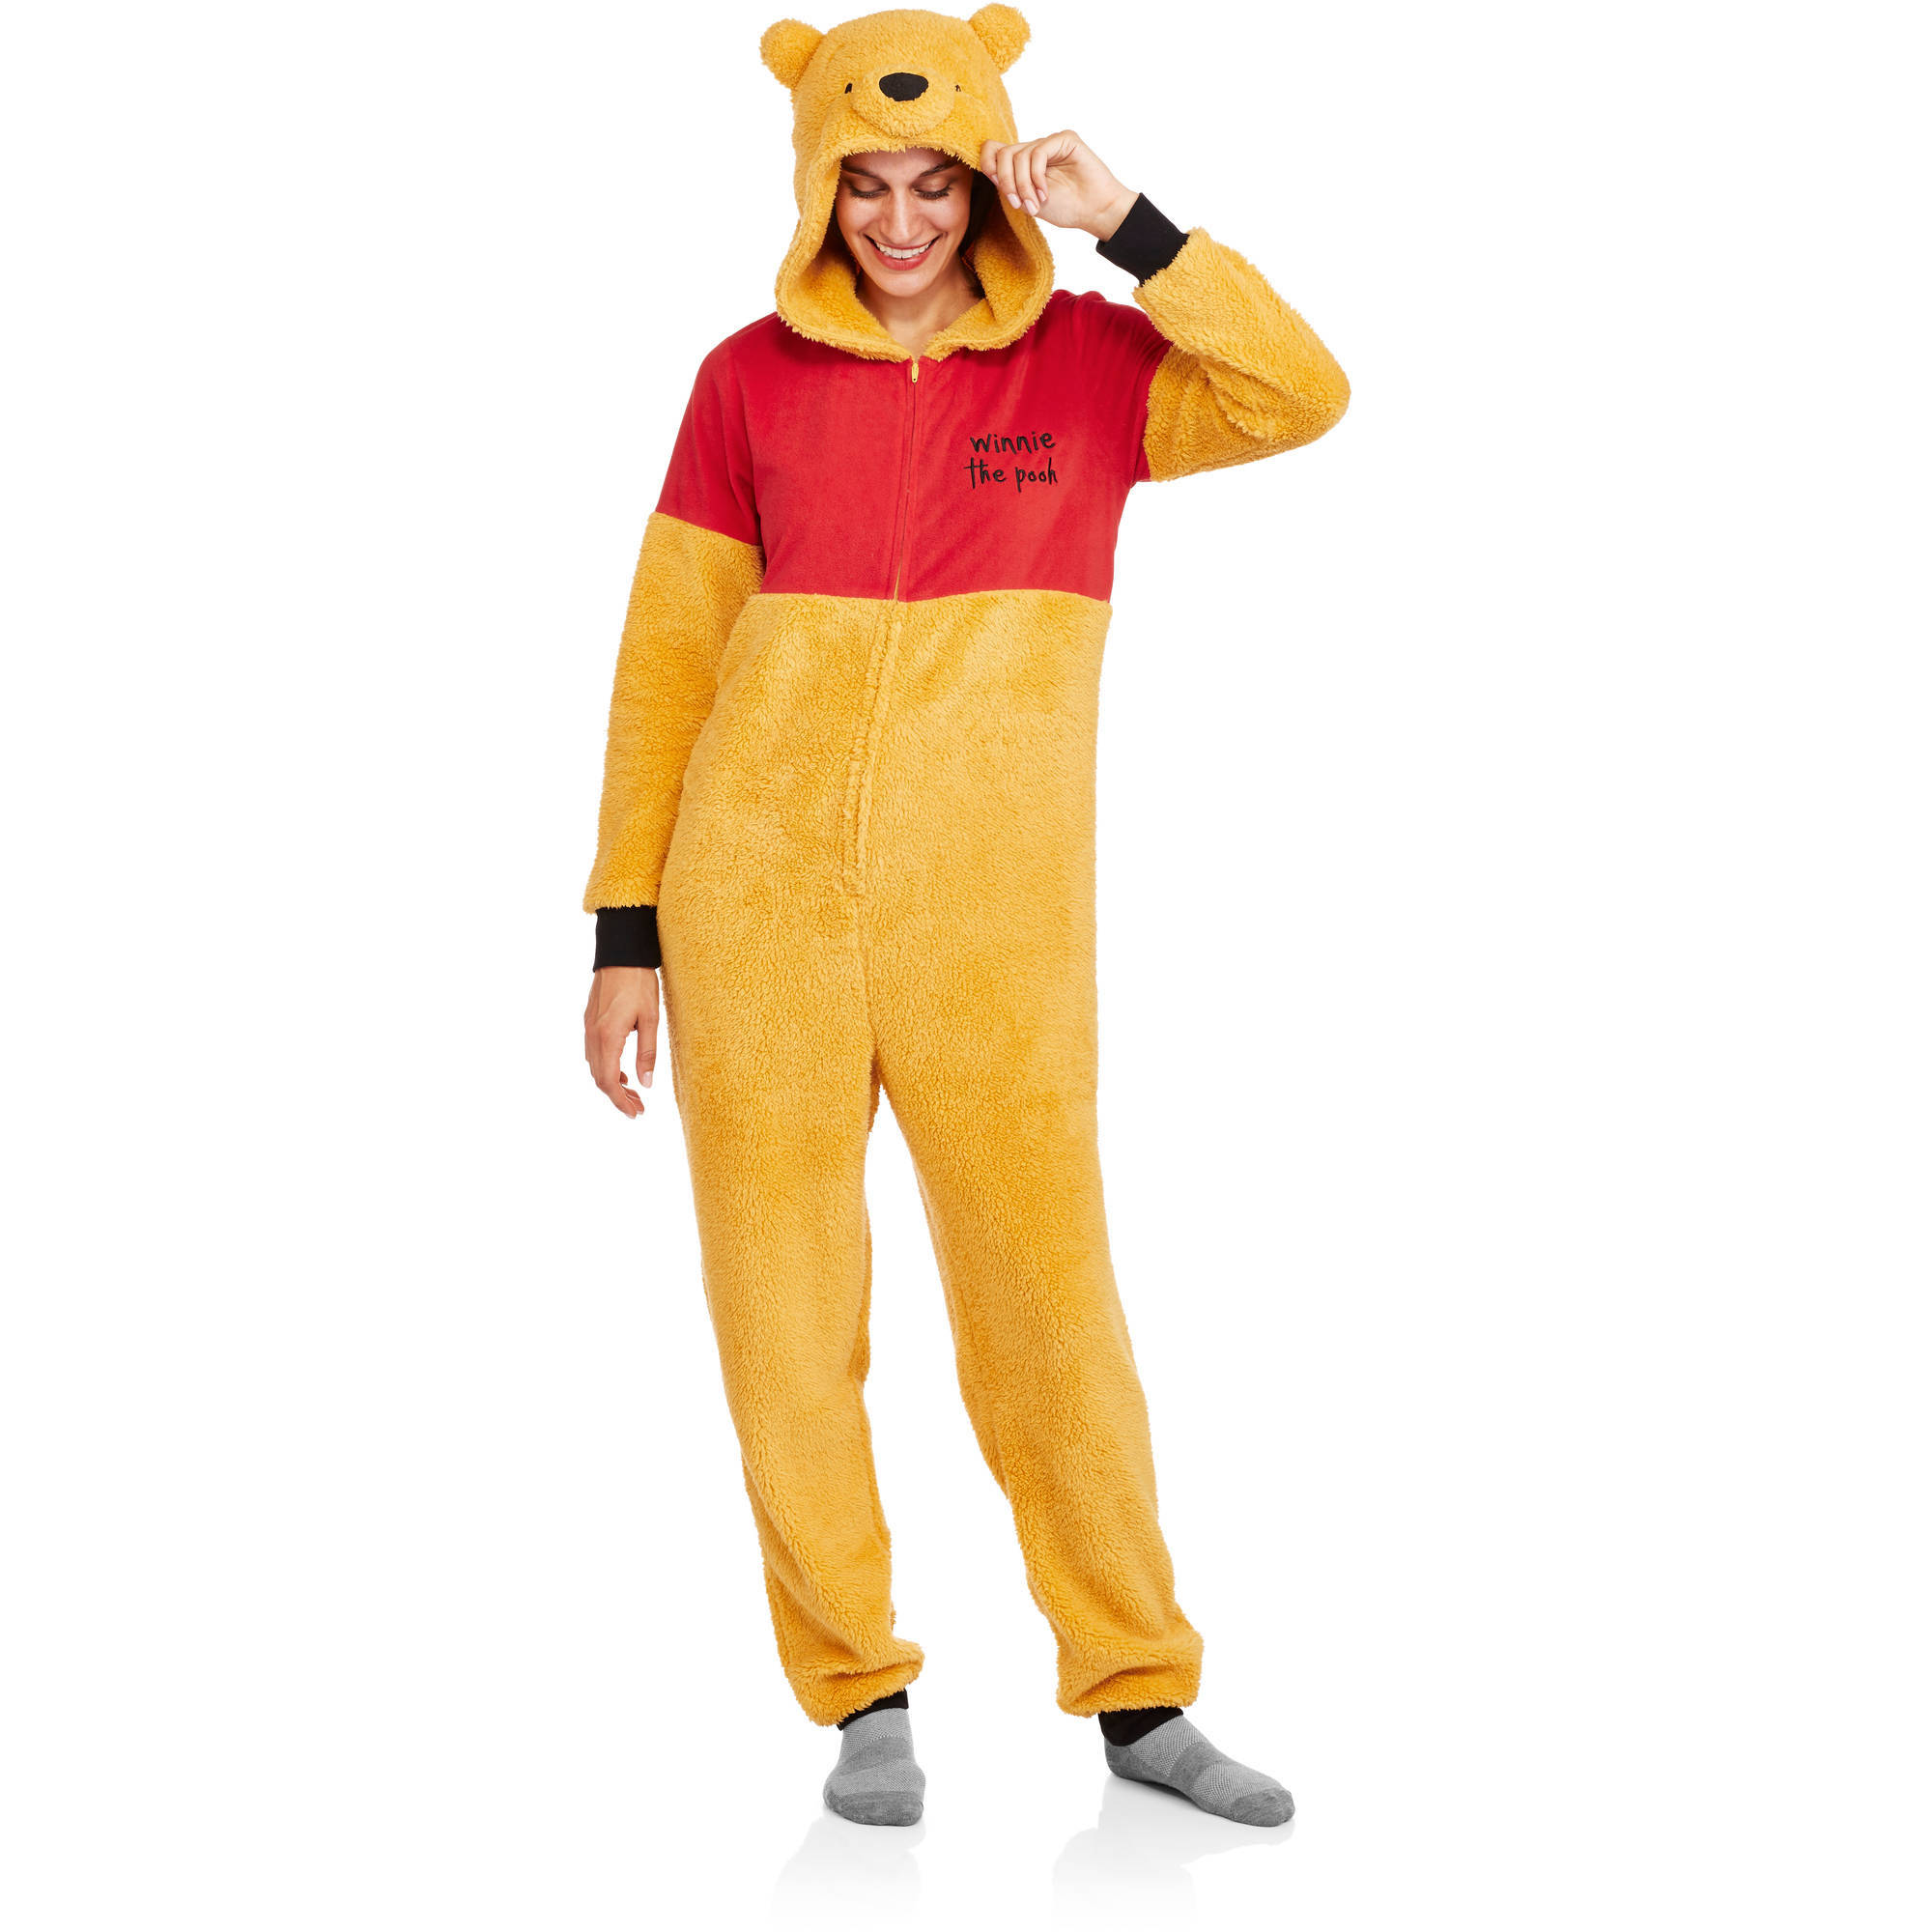 08467bd045a7 License - Winnie The Pooh Union Suit - Walmart.com